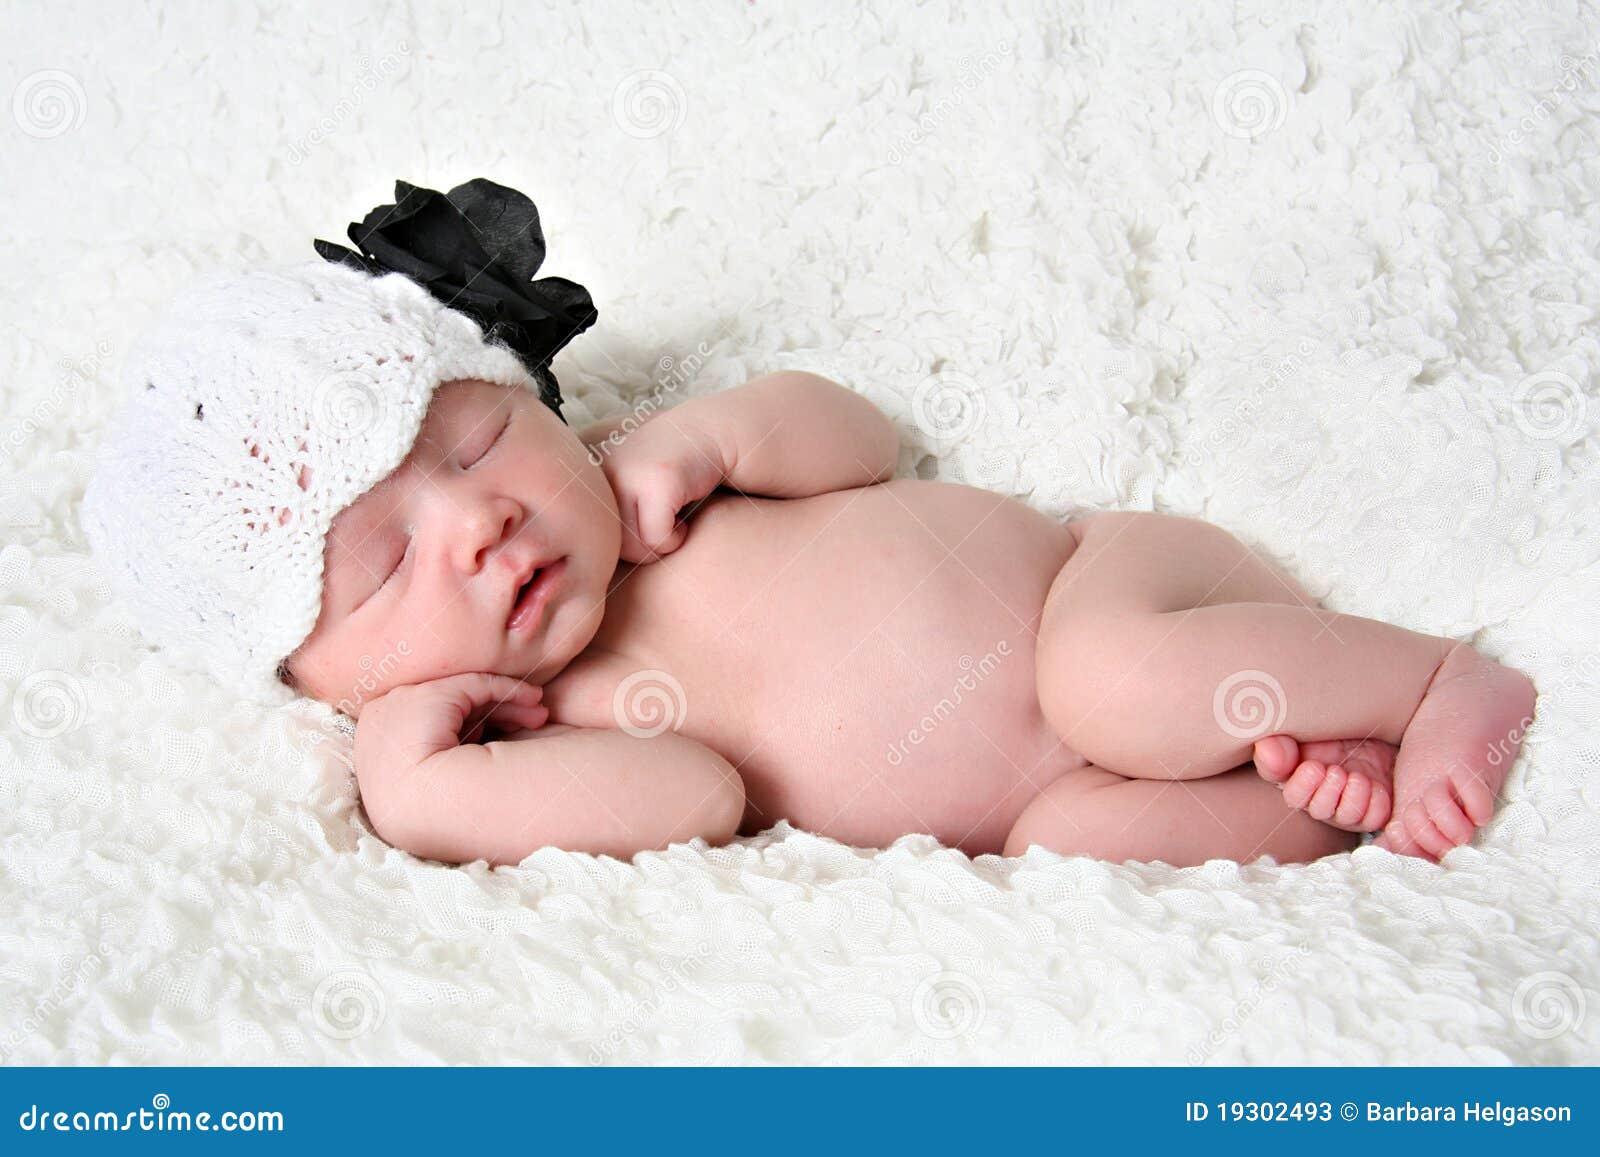 Спящая и голая девочки 13 фотография